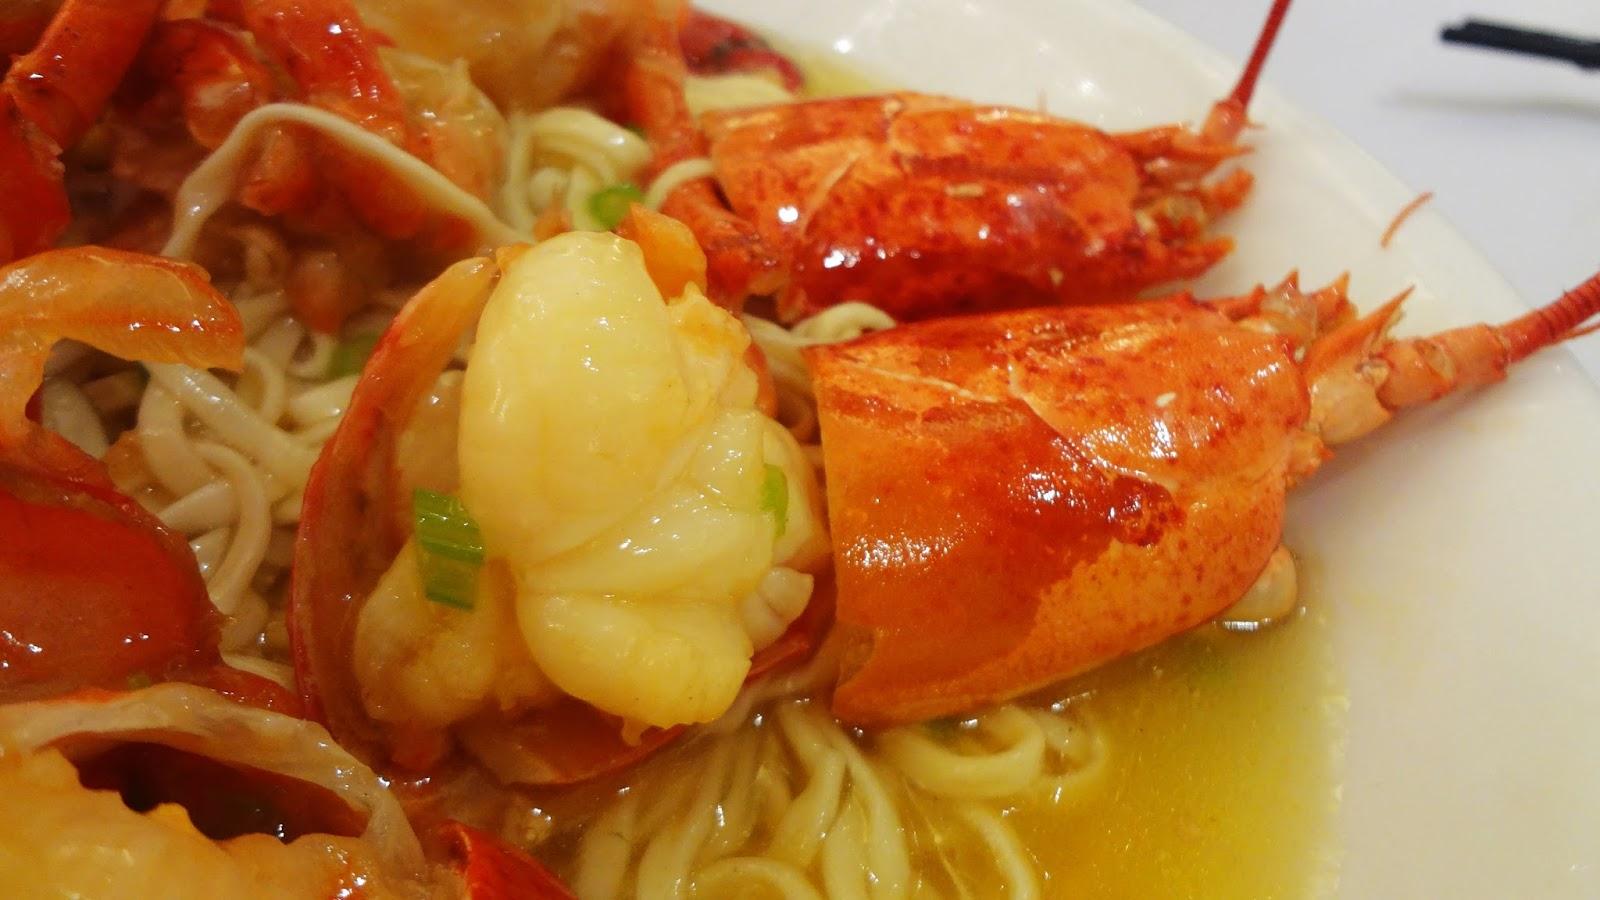 【♥ 玉桃軒酒家 ♥】後補母親節套餐   Fantasyland – U Blog 博客